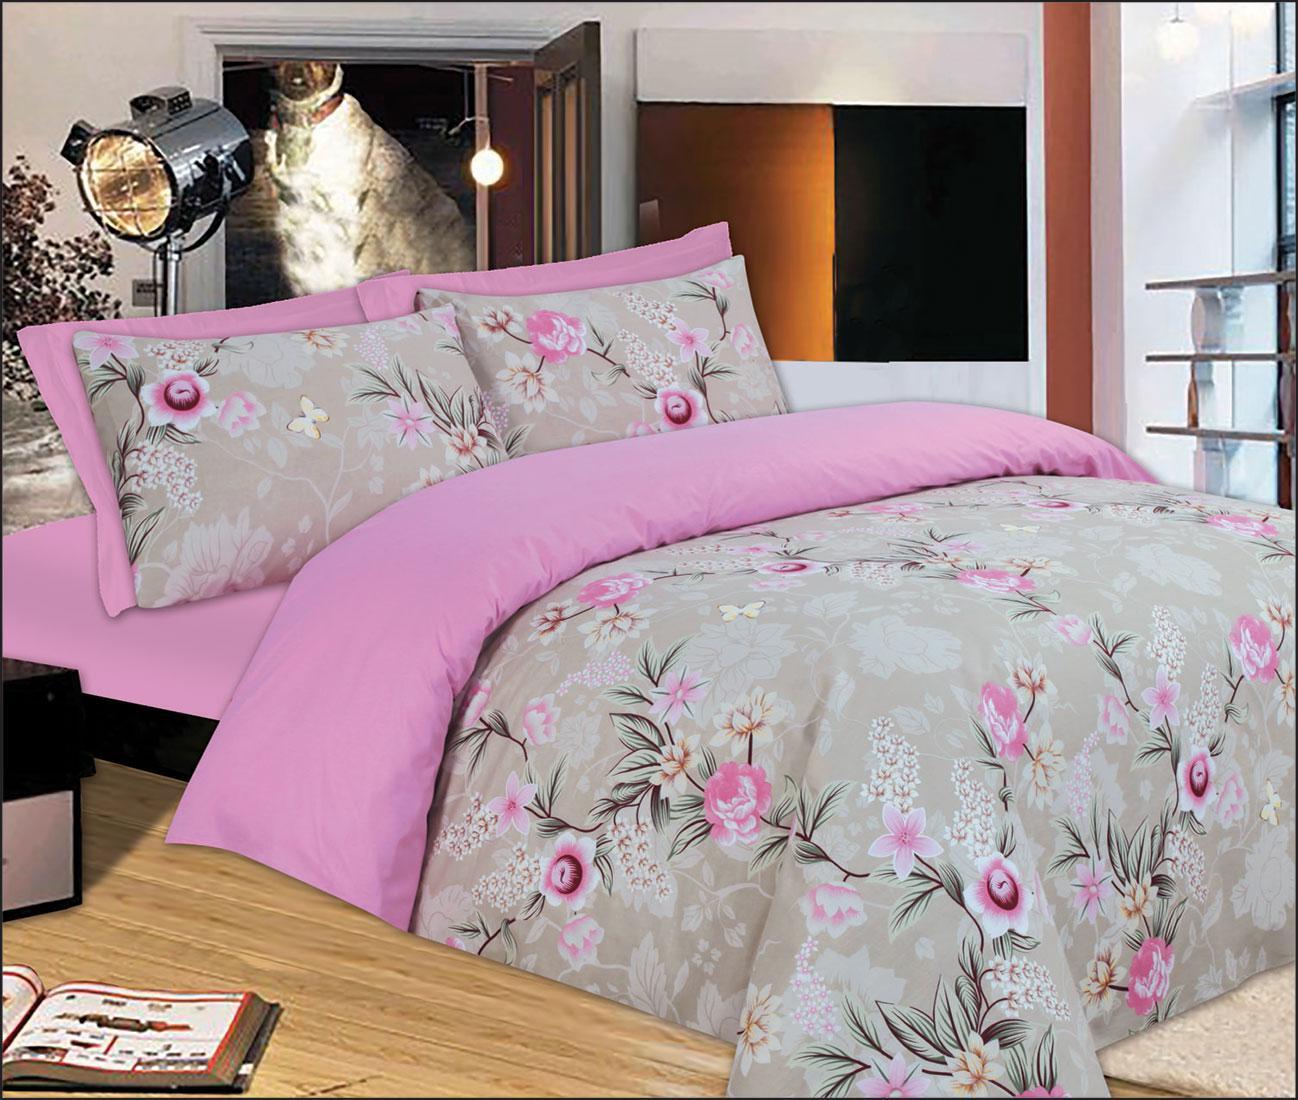 Σετ Κουβερλί Le Blanc Premium Μονό Pink Rose 160Χ240